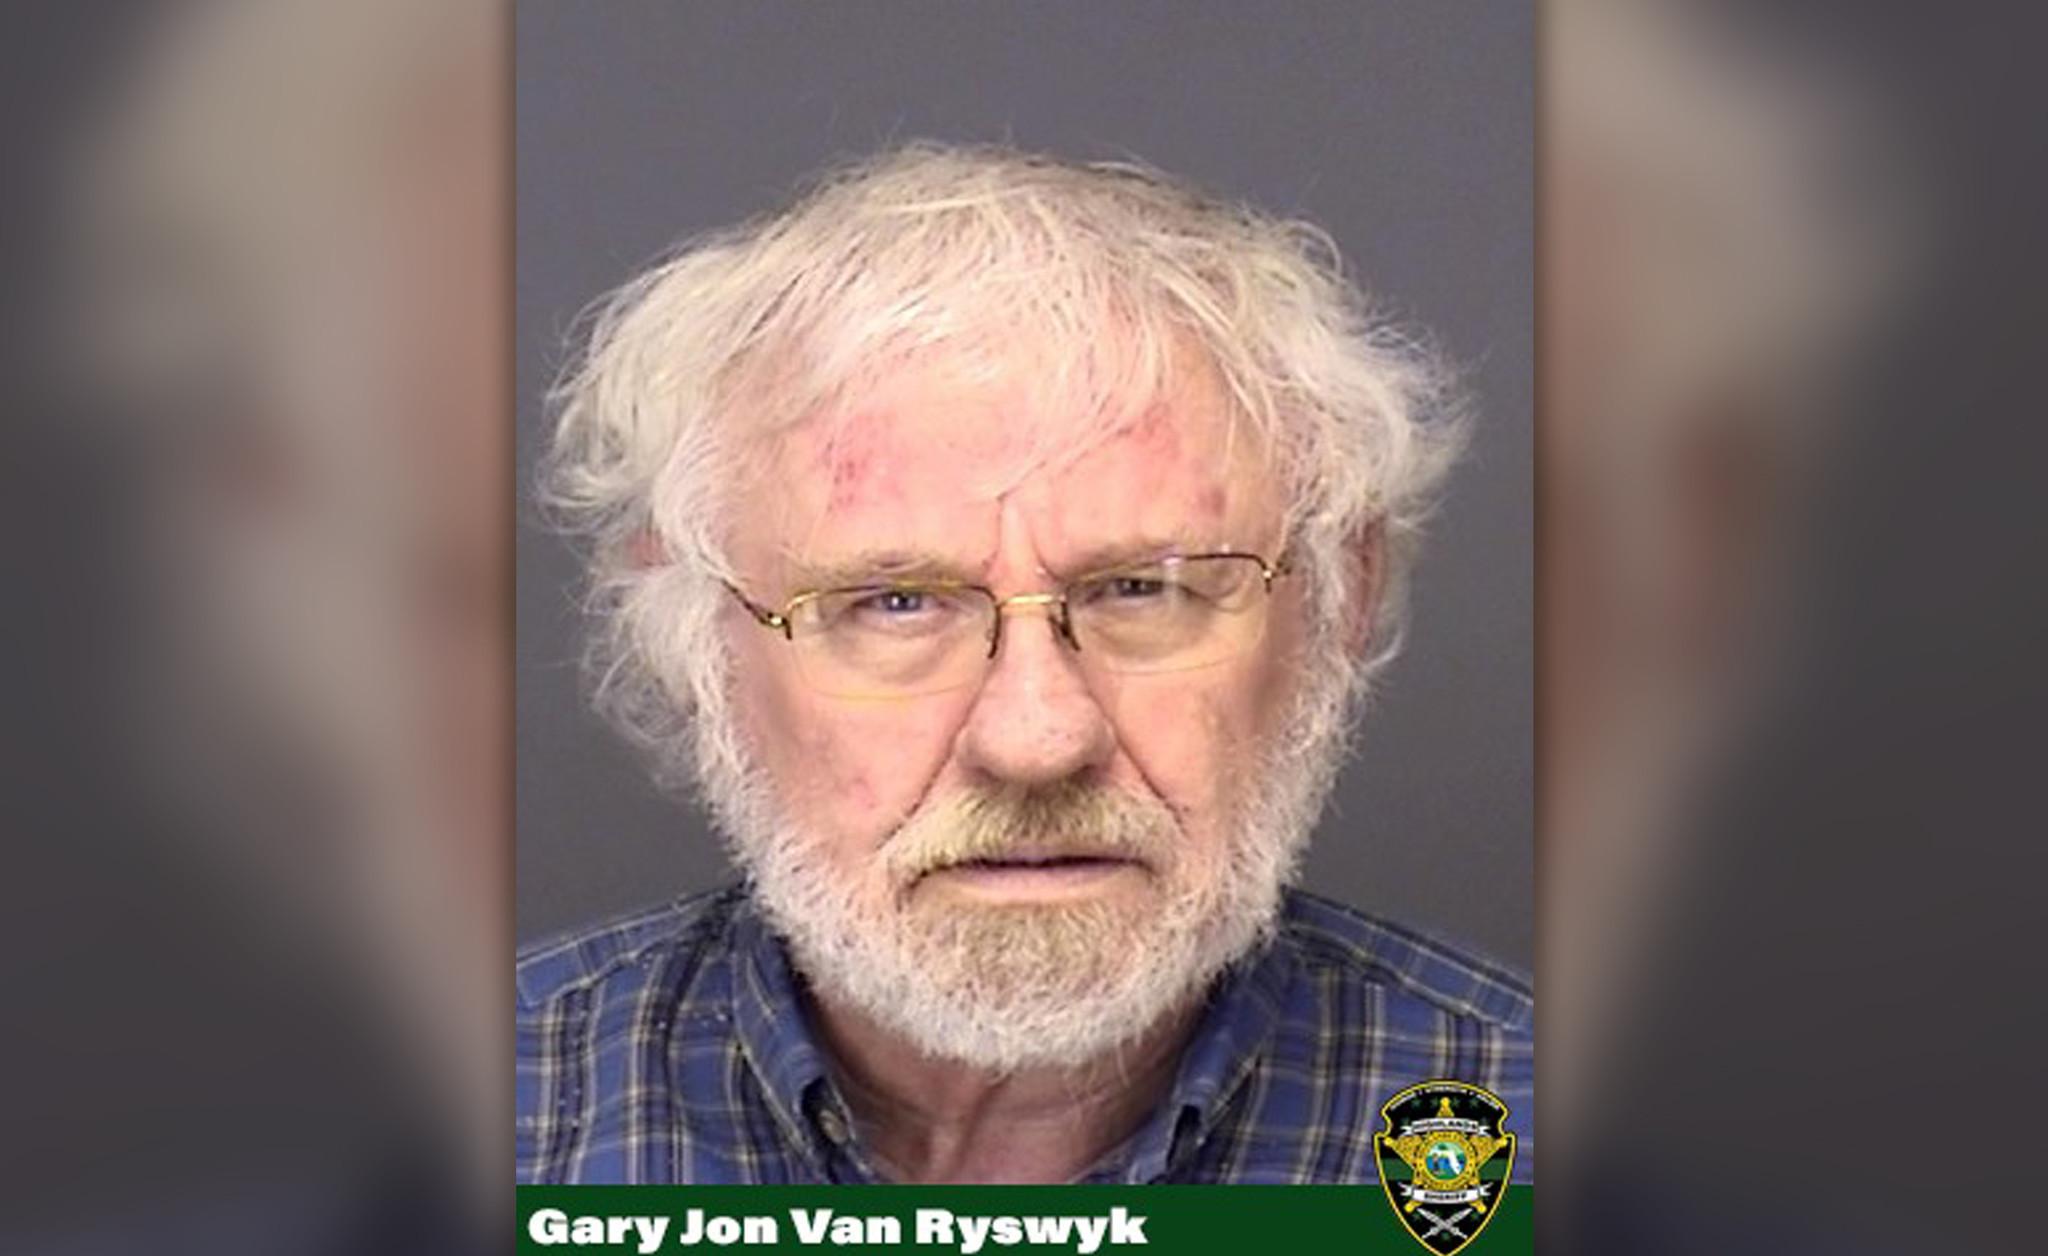 Florida man arrested after botched castration: cops